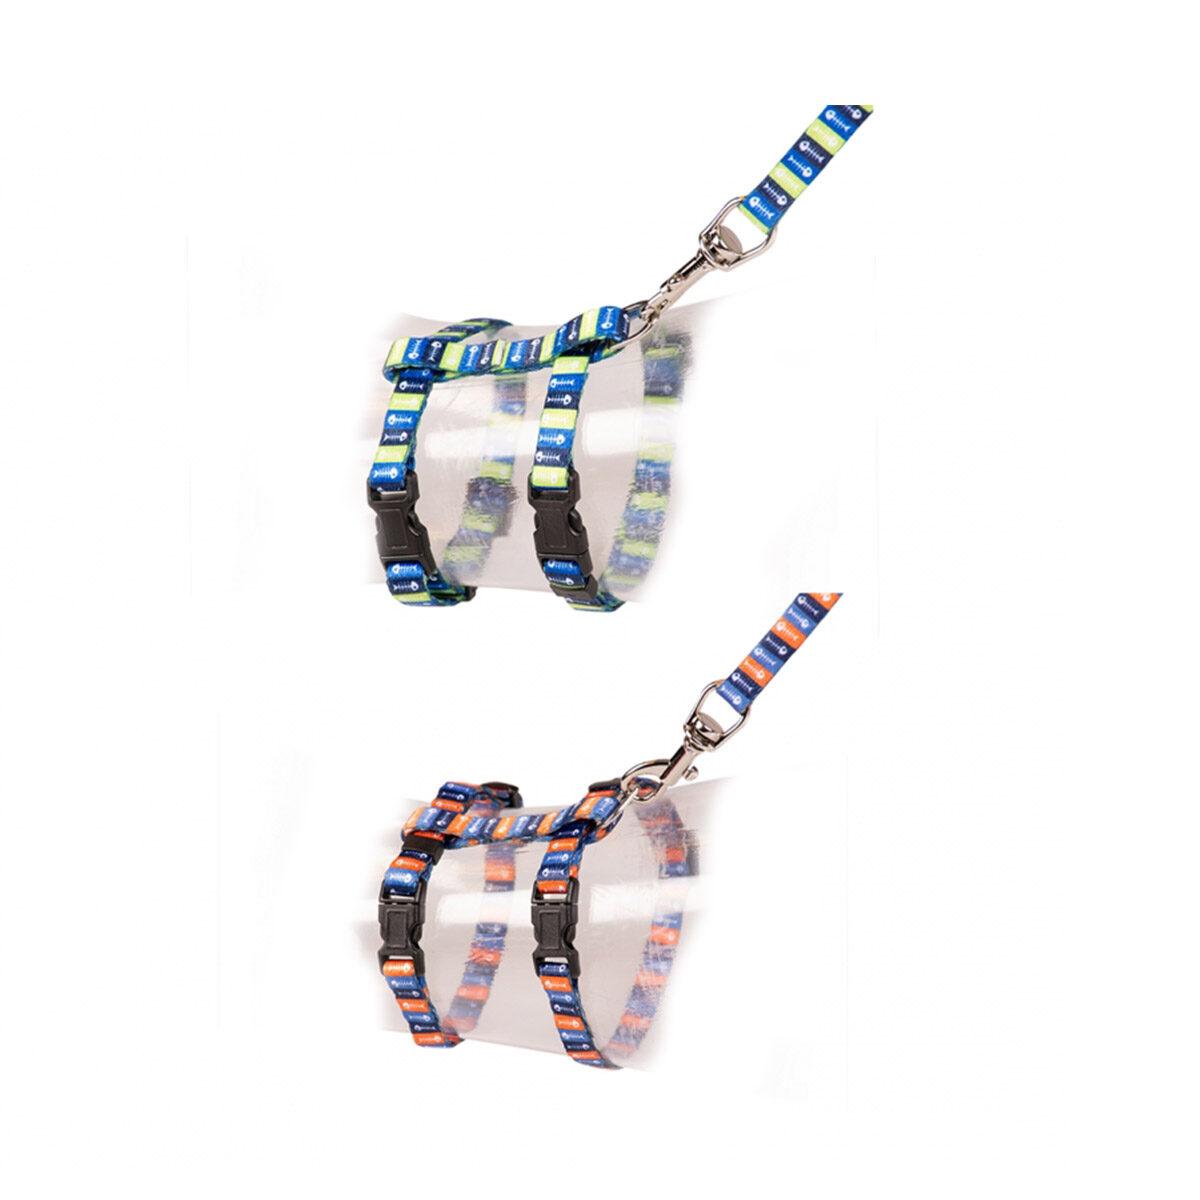 Duvo+ Kitten Wandelset Visgraat 15-25cm - 8mm-125cm Gemengde kleuren - in Tuigjes & Halsbanden